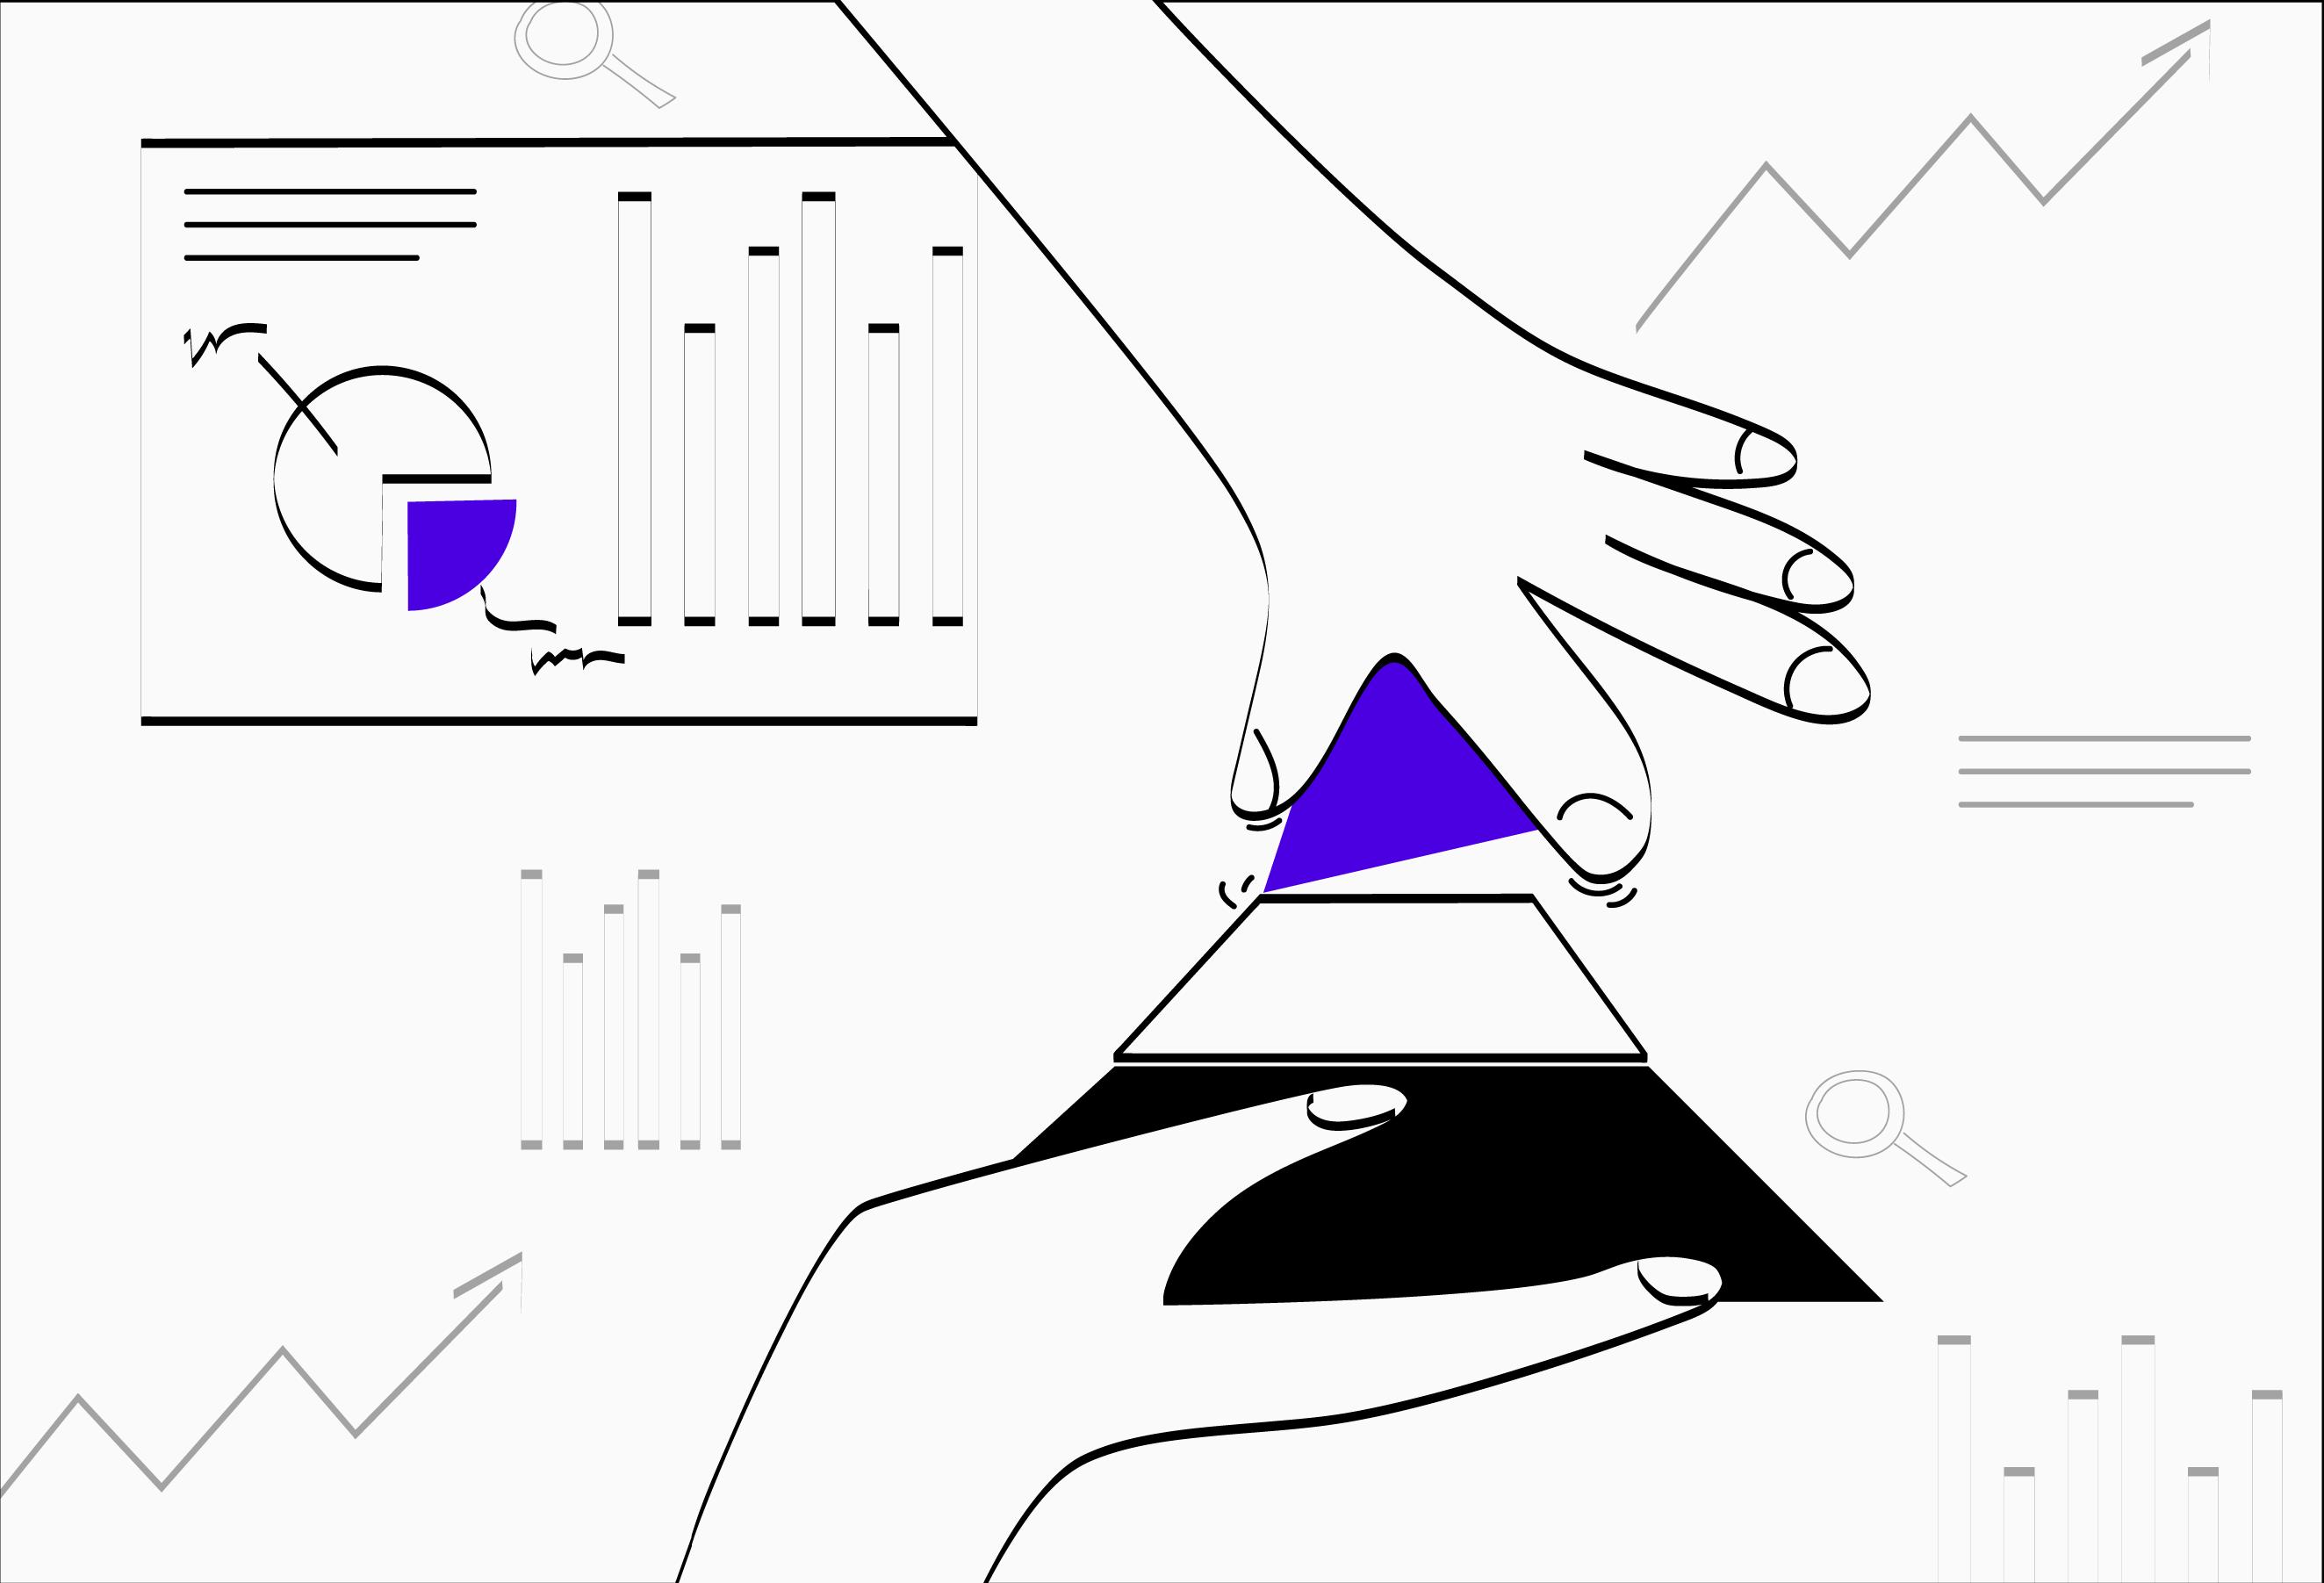 25. Piramida metrik - Пирамида метрик – подход, с помощью которого выбирают правильные метрики и определяют зависимости между ними